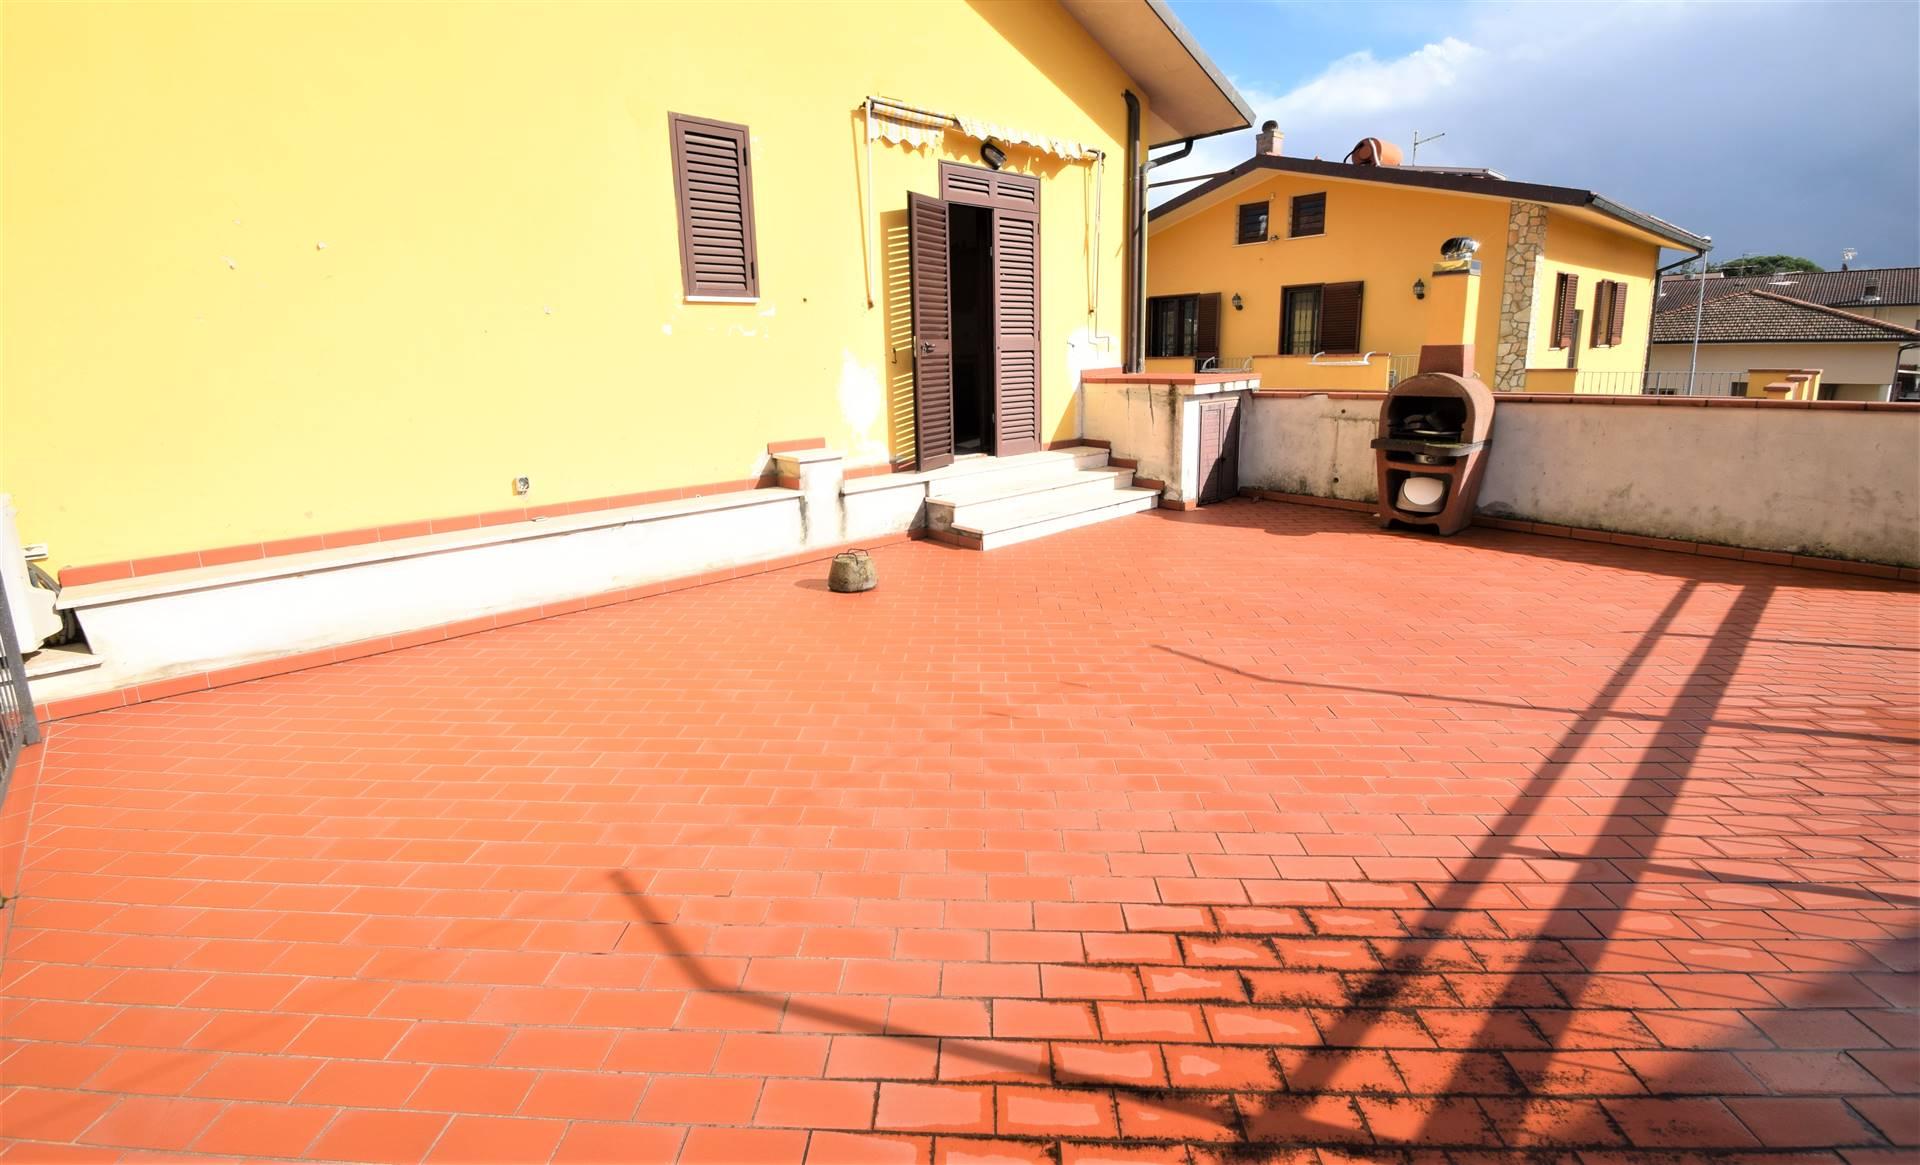 Appartamento in vendita a Pieve a Nievole, 6 locali, prezzo € 143.000 | PortaleAgenzieImmobiliari.it